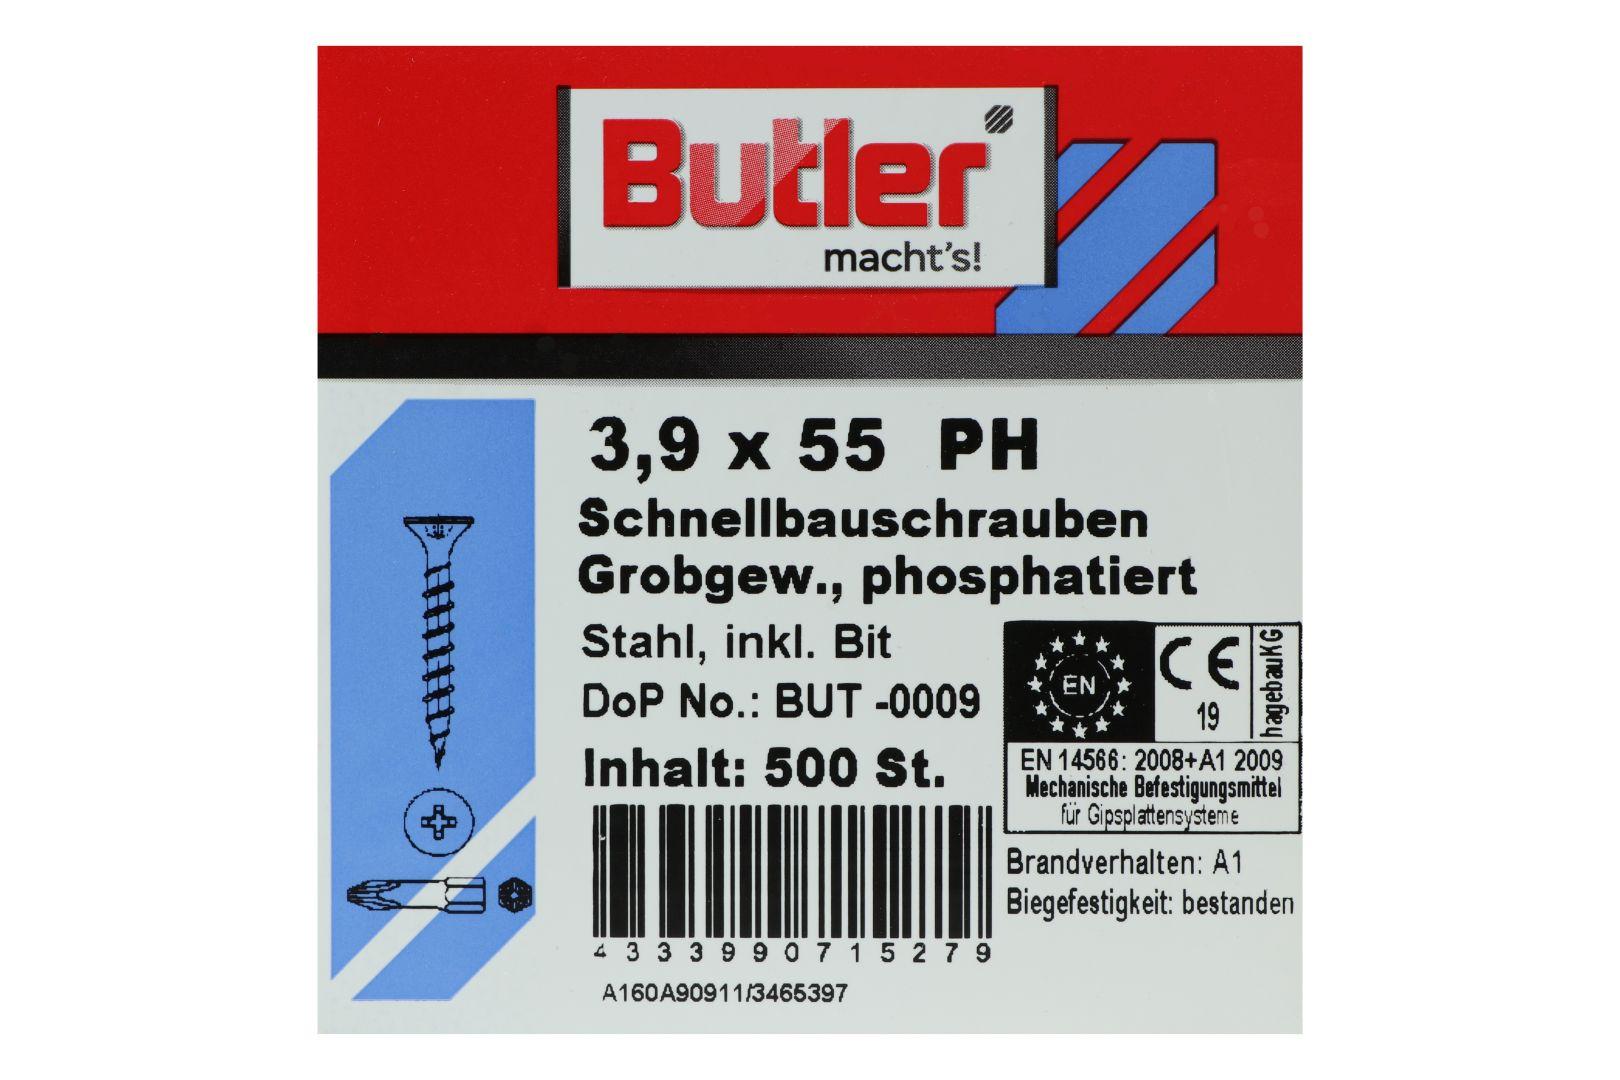 Butler macht's! Schnellbauschrauben inkl. Bit für Holz auf Holz, Grobgewinde, PH2, 3,9 x 55 mm, 500 Stück